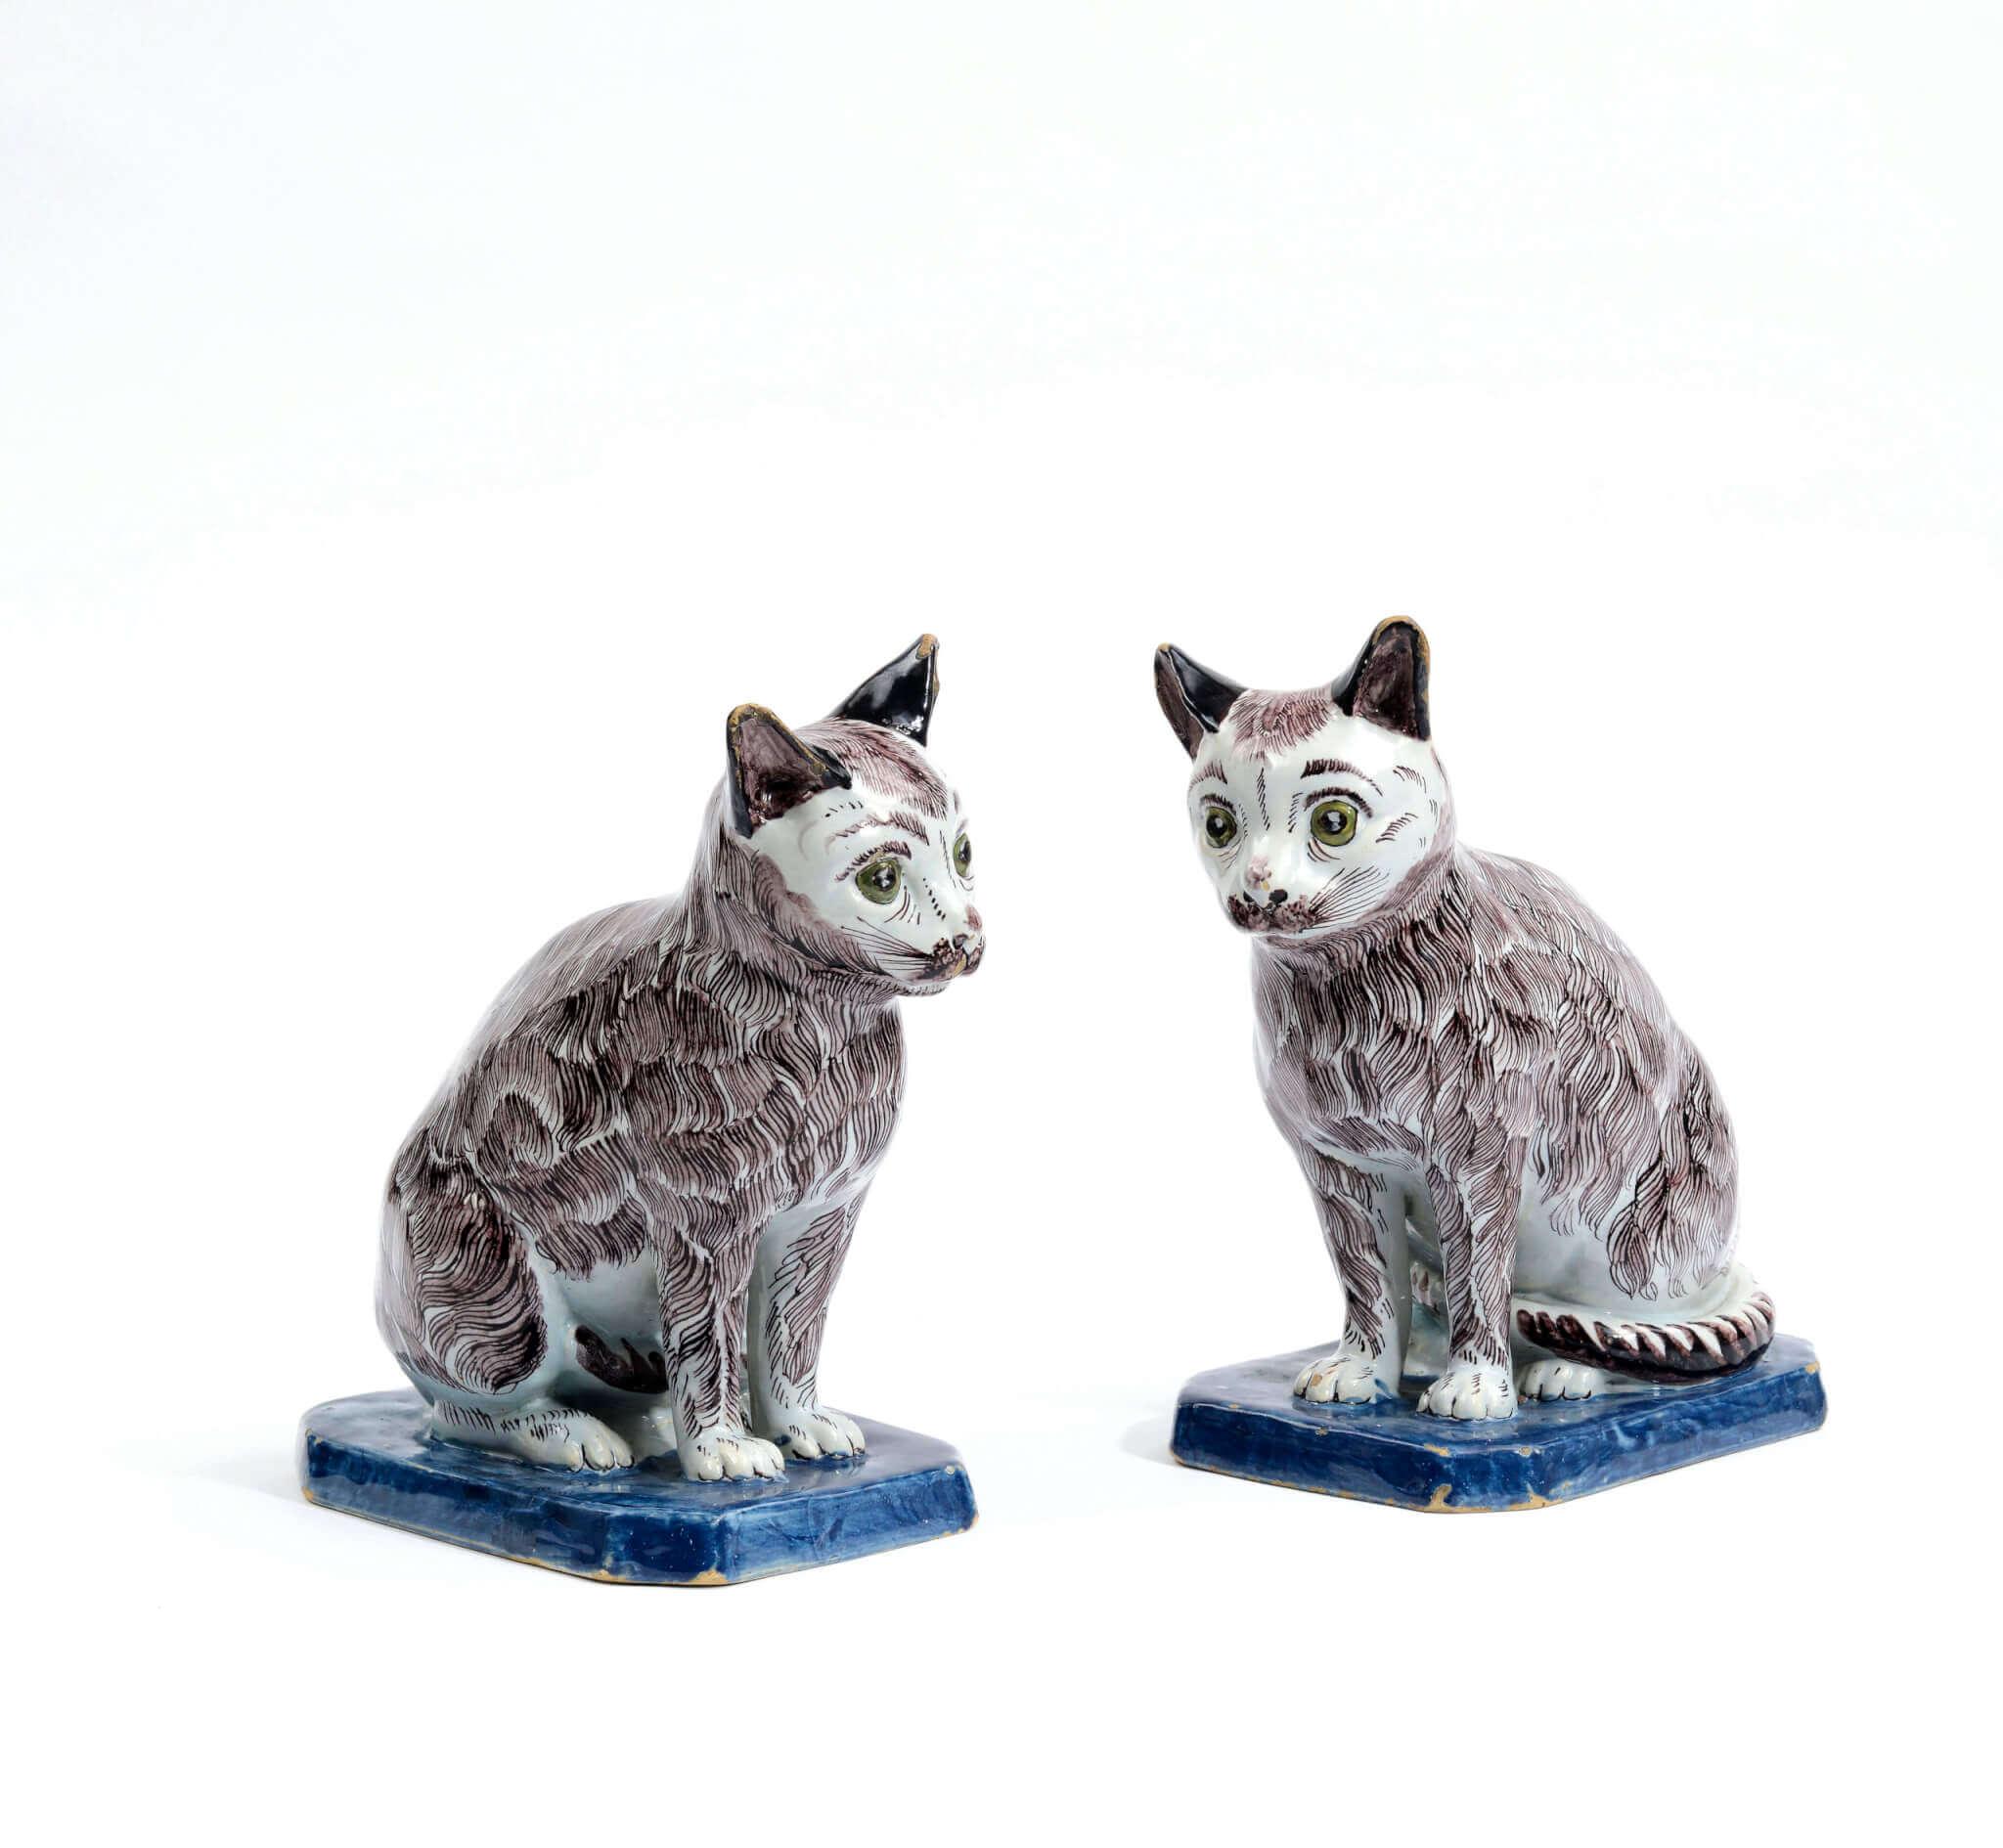 Models of cats